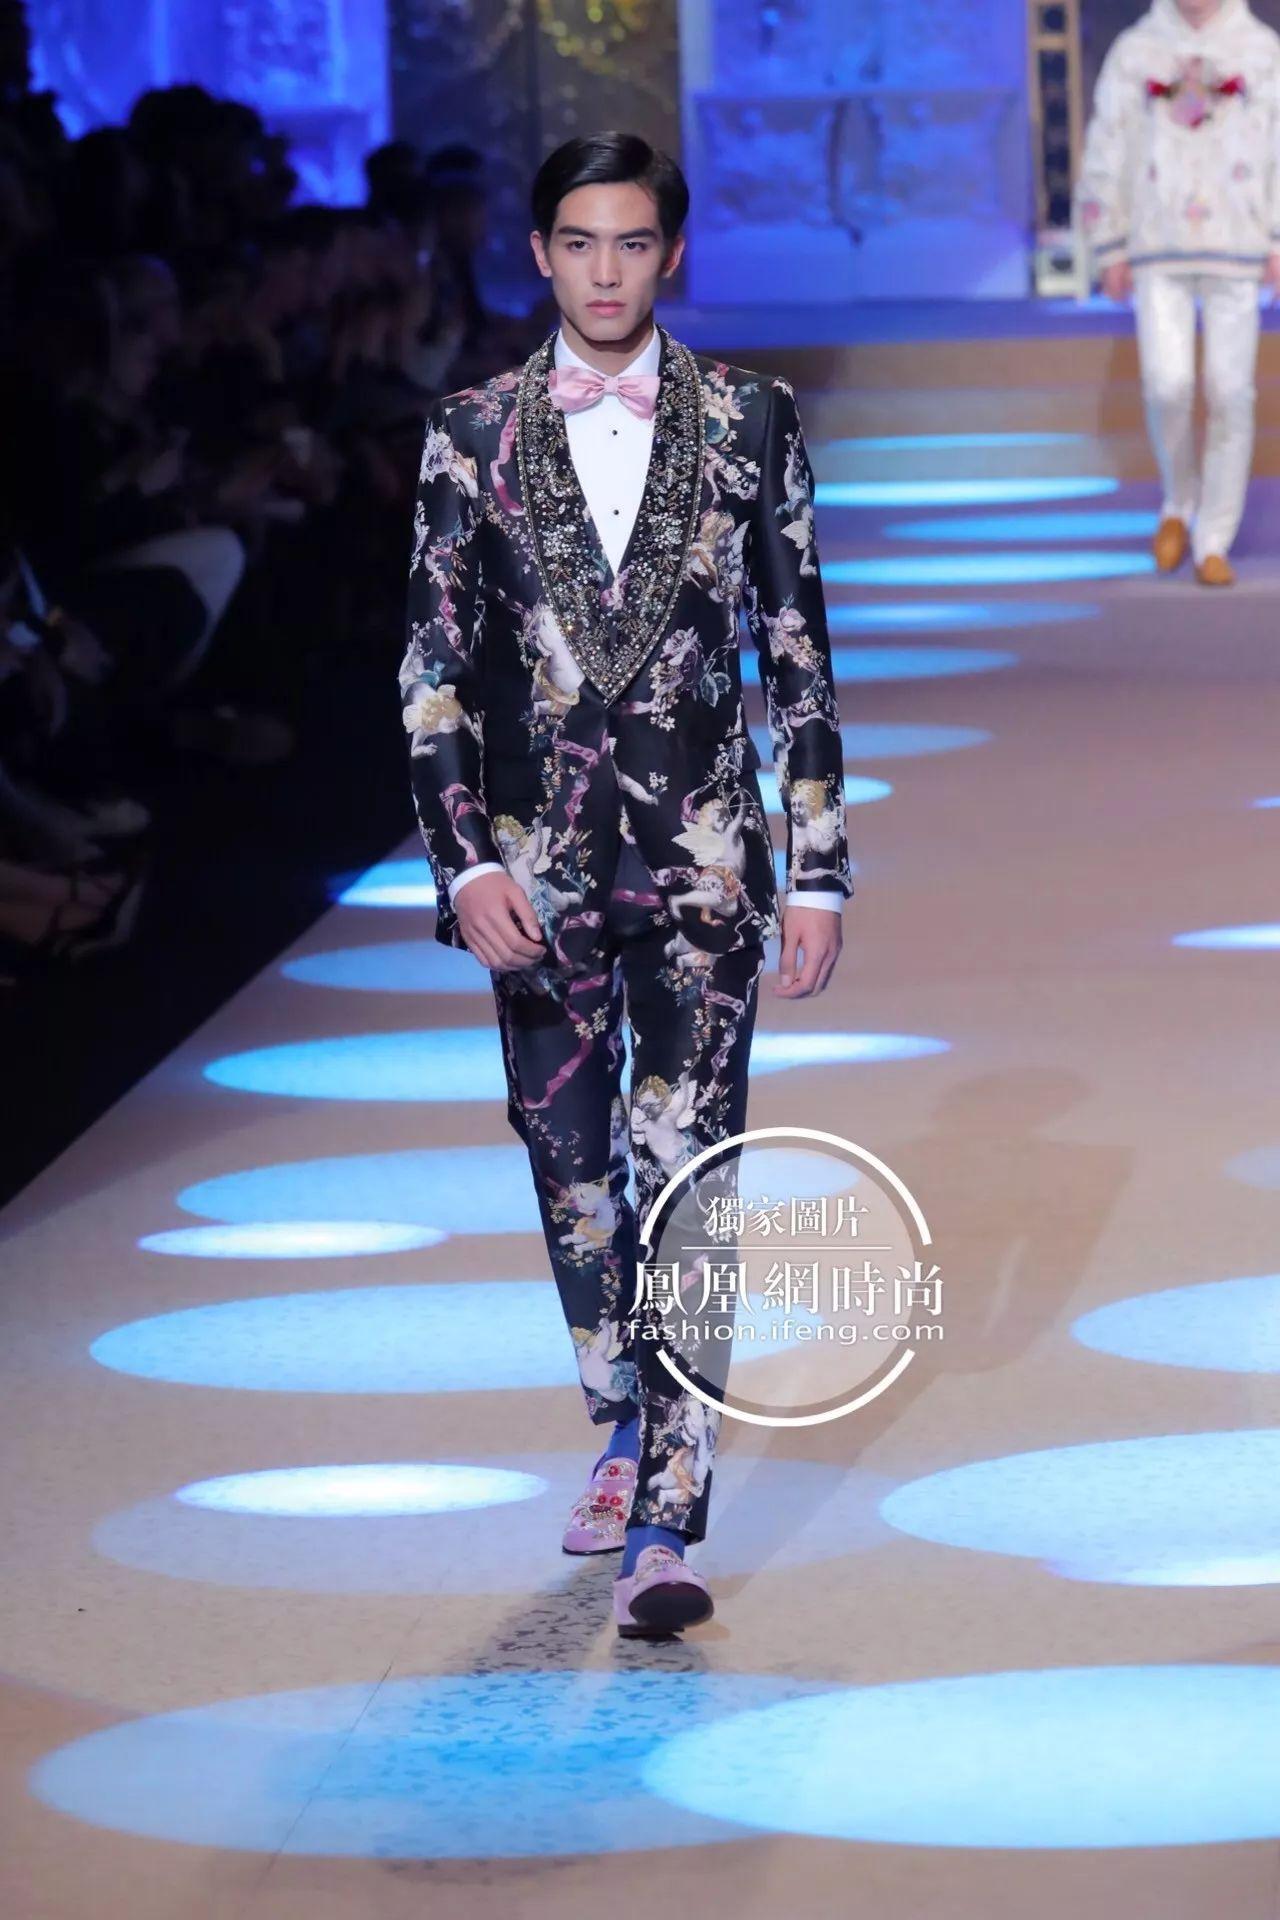 热巴之后Dolce & Gabbana又请中国明星走秀, 这次18岁的他赢大了!